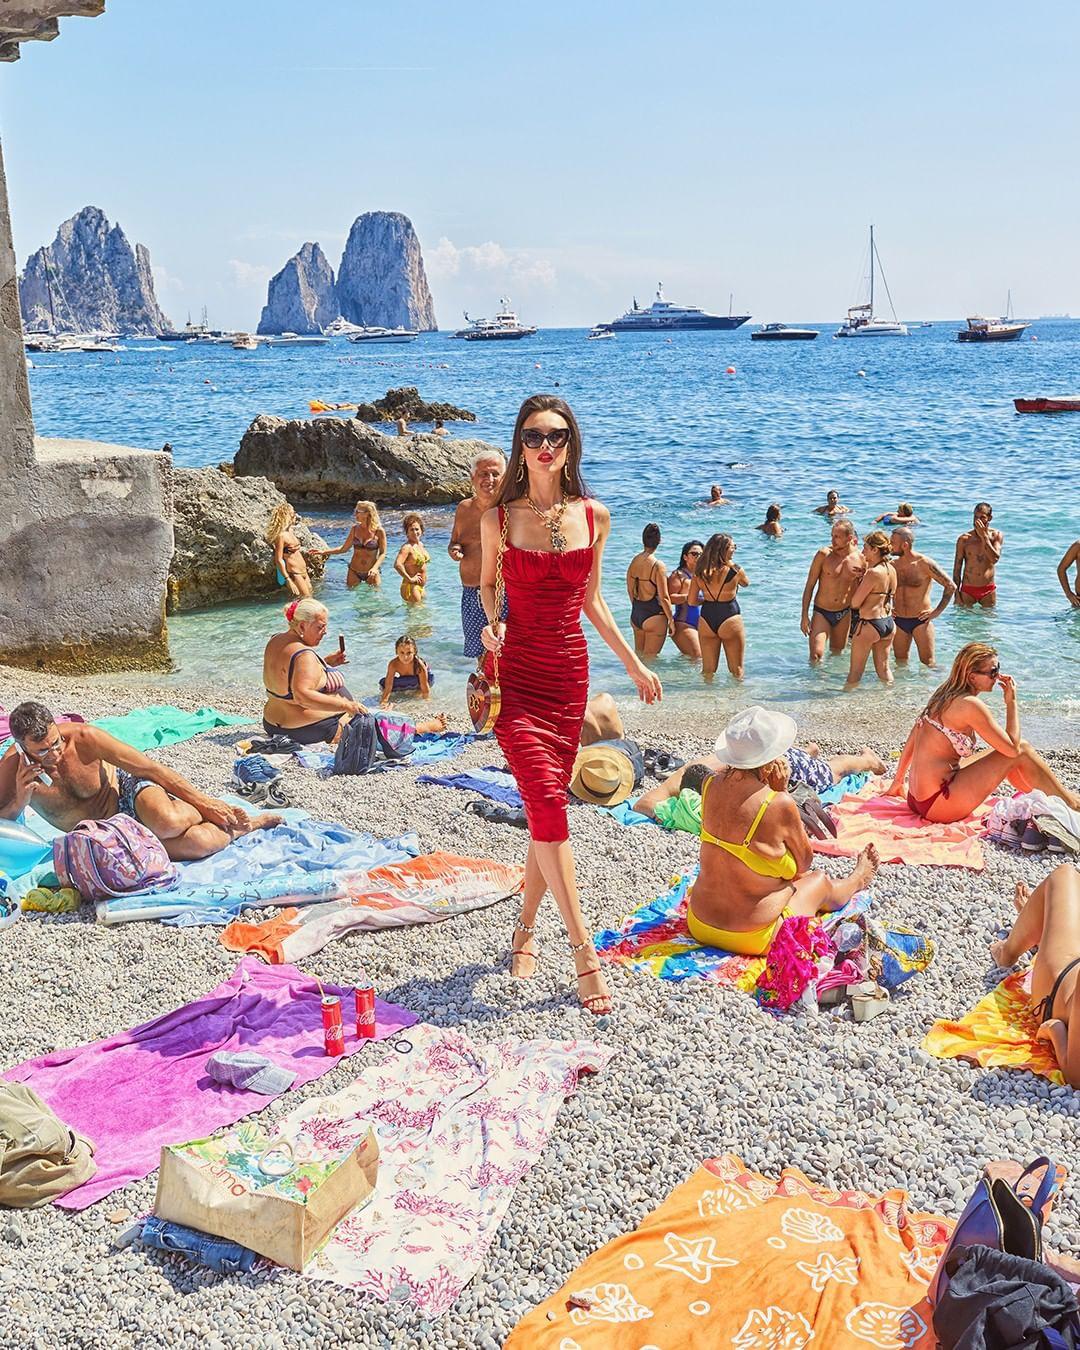 """Dolce & Gabbana tiếp tục """"ăn gạch"""" vì bộ ảnh mới bị cho là phân biệt giàu nghèo, body shaming và để lọt cả đồ Louis Vuitton - Ảnh 5."""